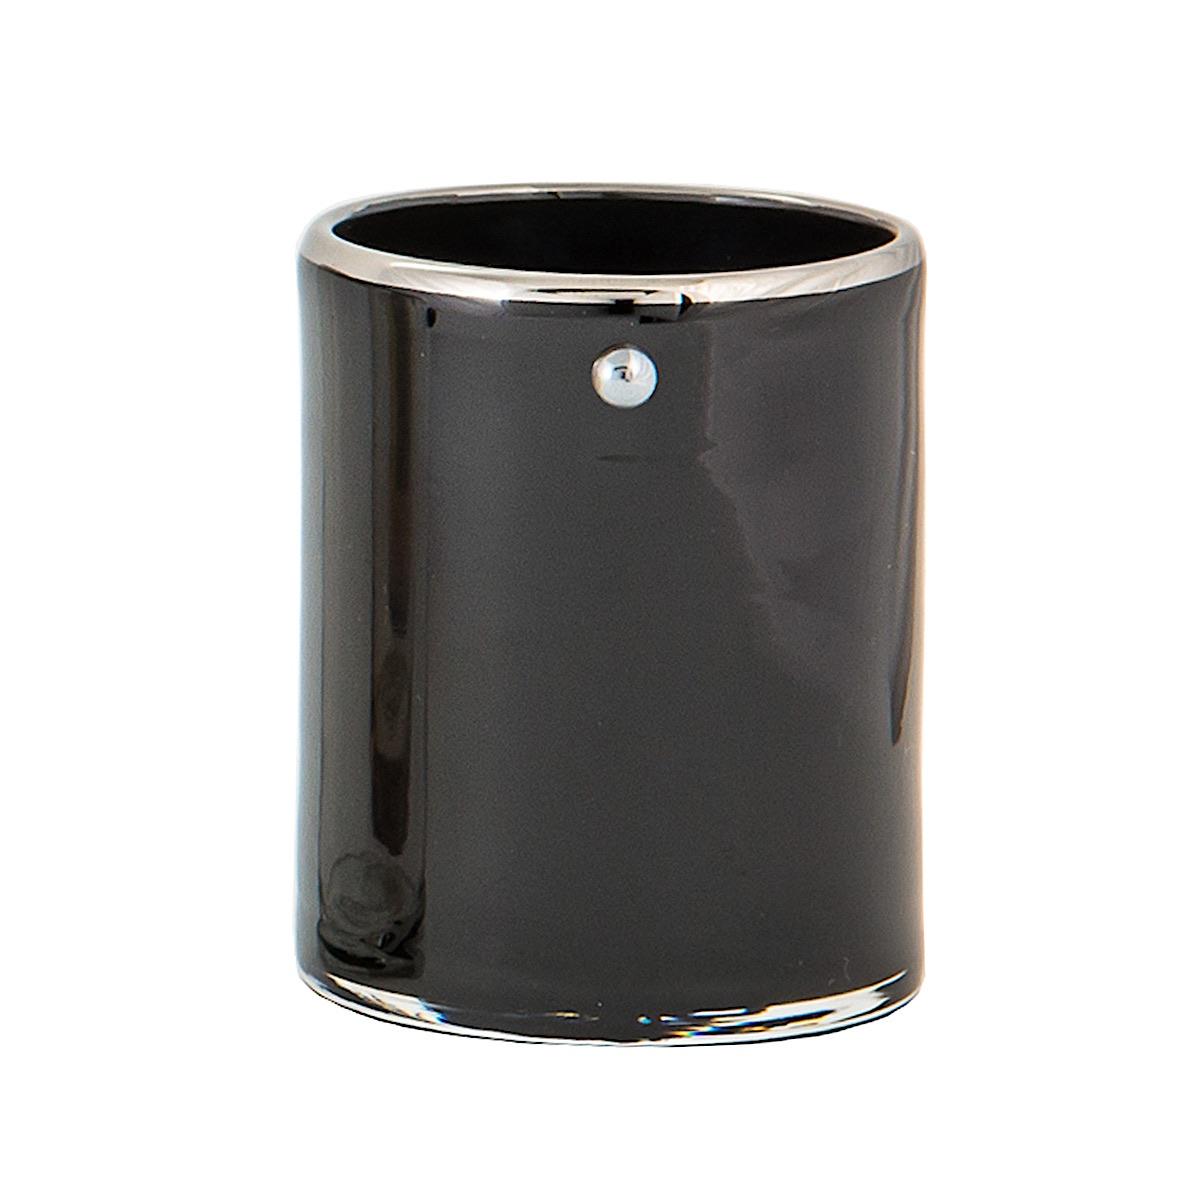 jai-glass-ambient-black-handmade-murano-design-platinum-luxury